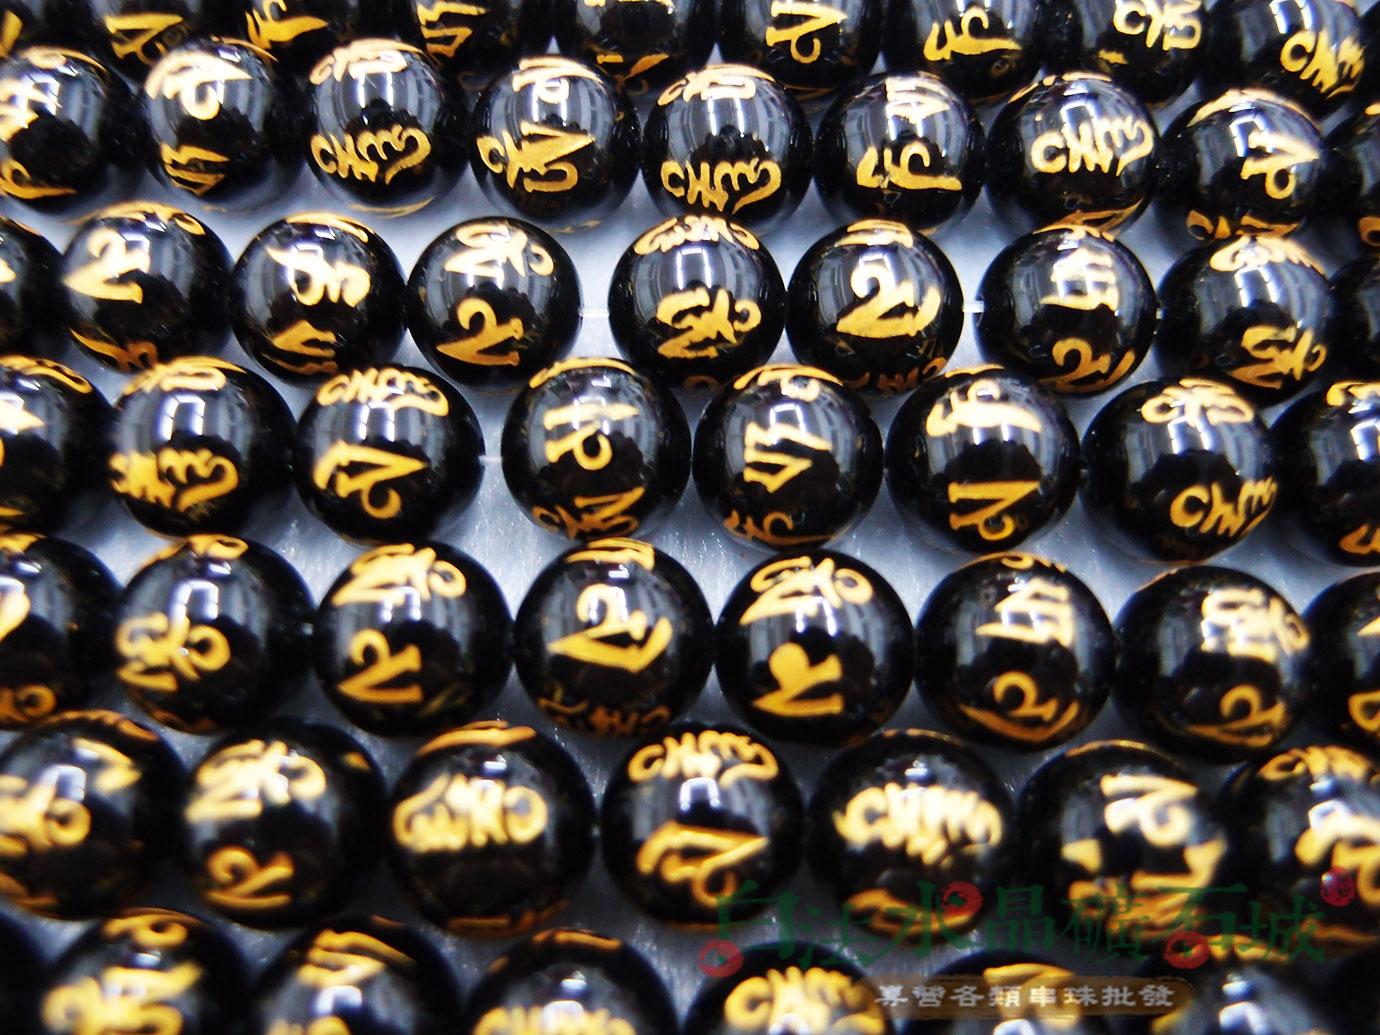 白法水晶礦石城 巴西 瑪瑙 老黑玉髓 黑瑪瑙 六字箴言10mm 色澤-全黑 特級品 串珠/條珠  首飾材料